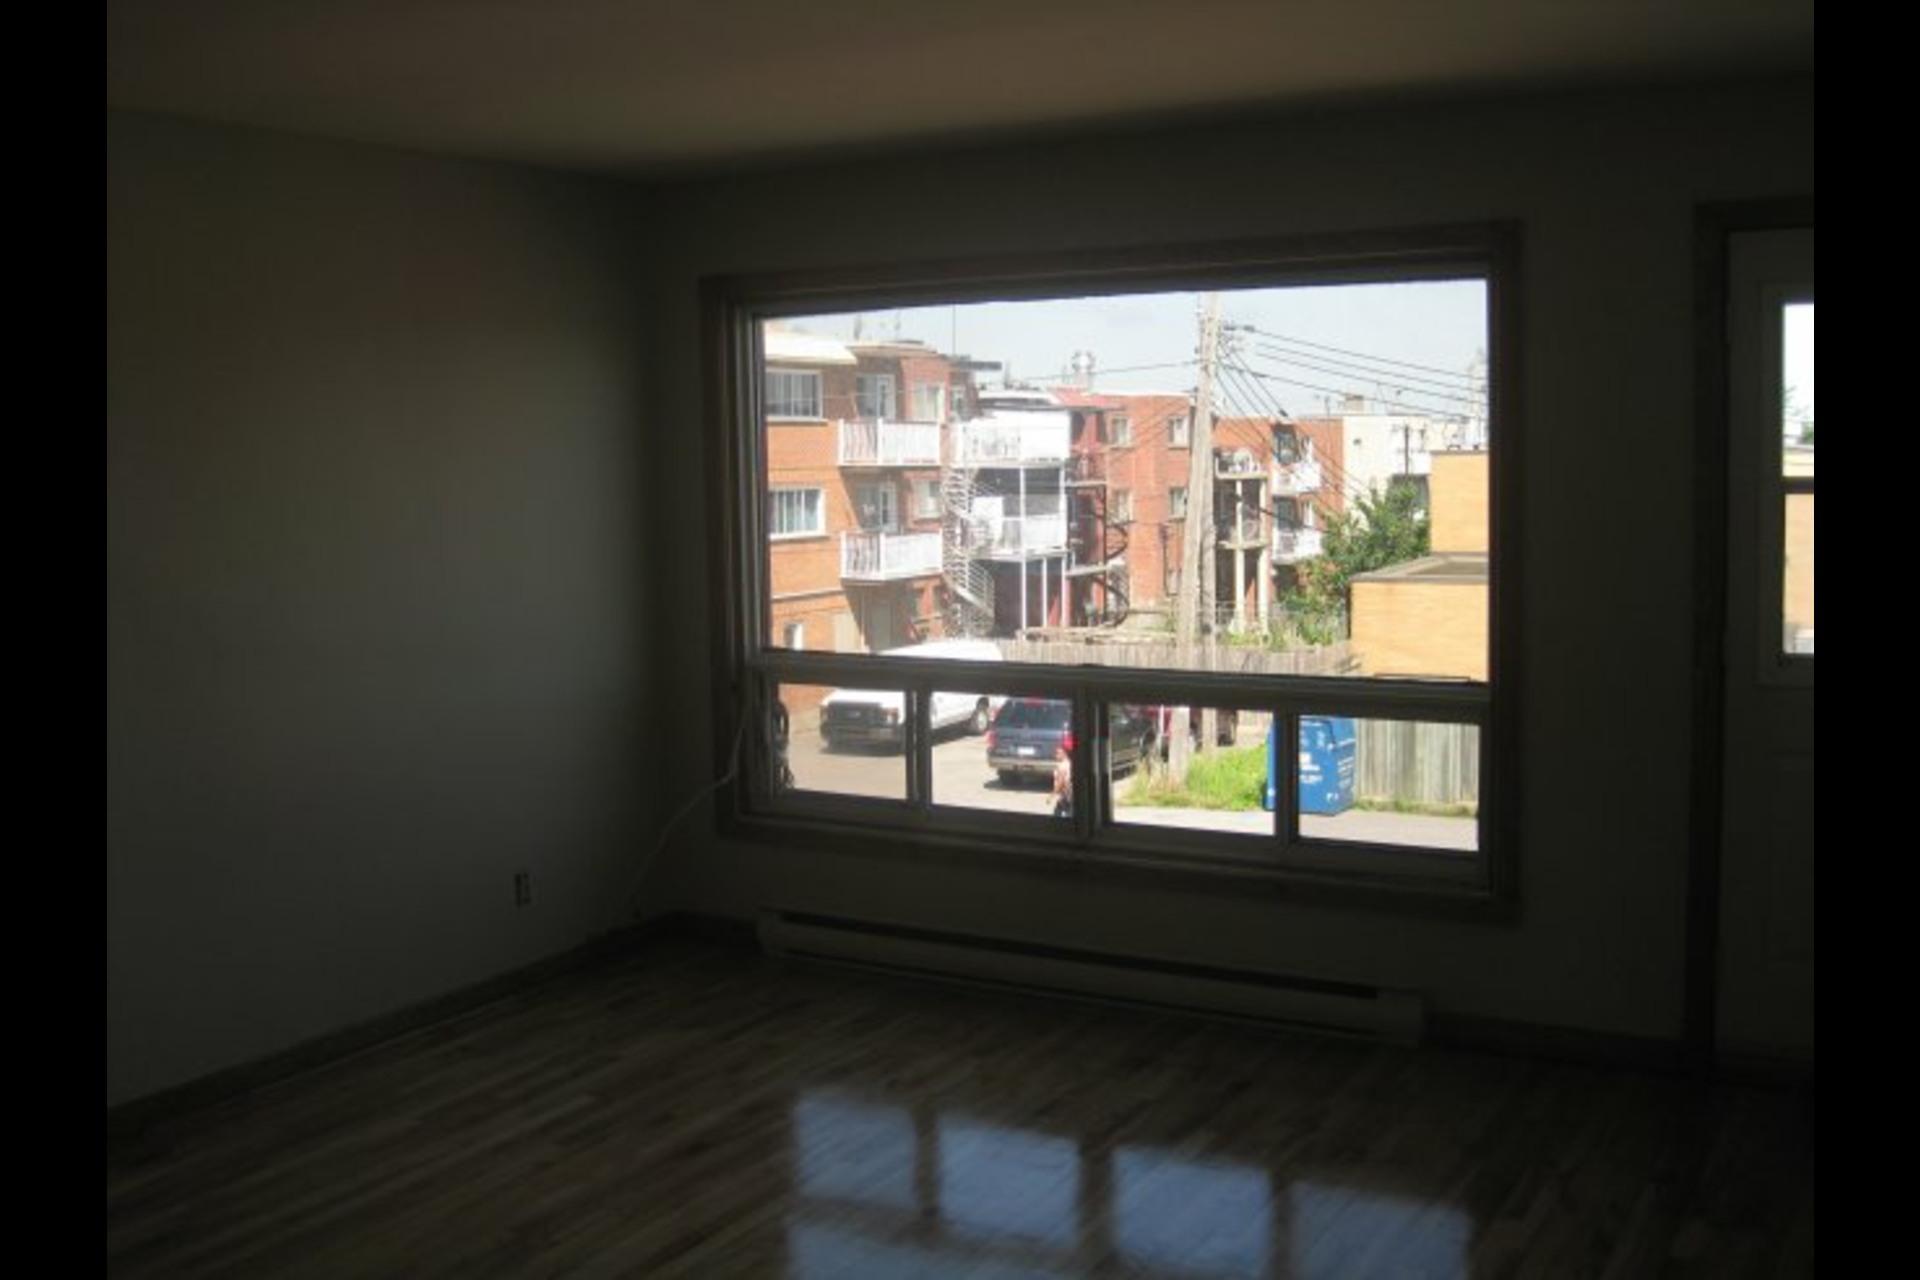 image 2 - Appartement À louer Montréal Montréal-Nord - 5 pièces